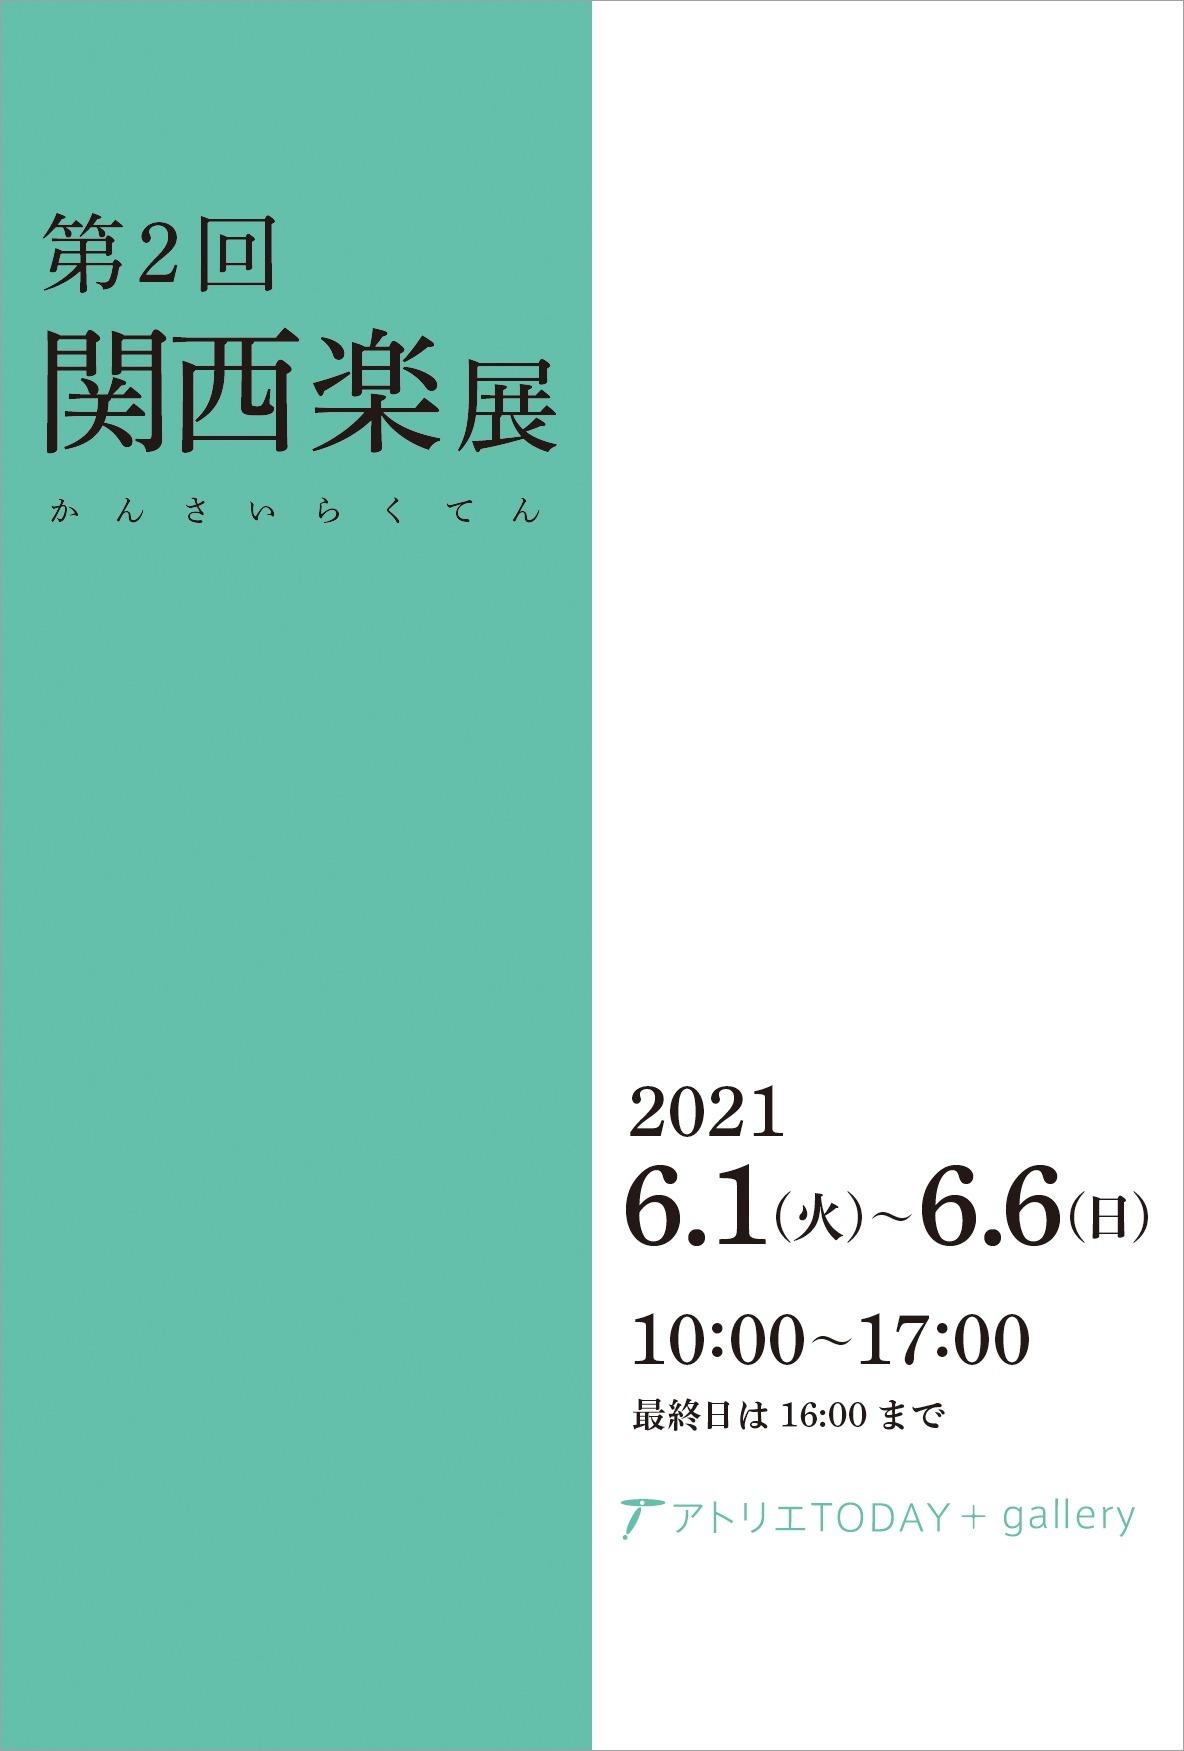 夏の生徒募集!大人/子ども/学生/受験【授業紹介】_b0212226_17095911.jpg